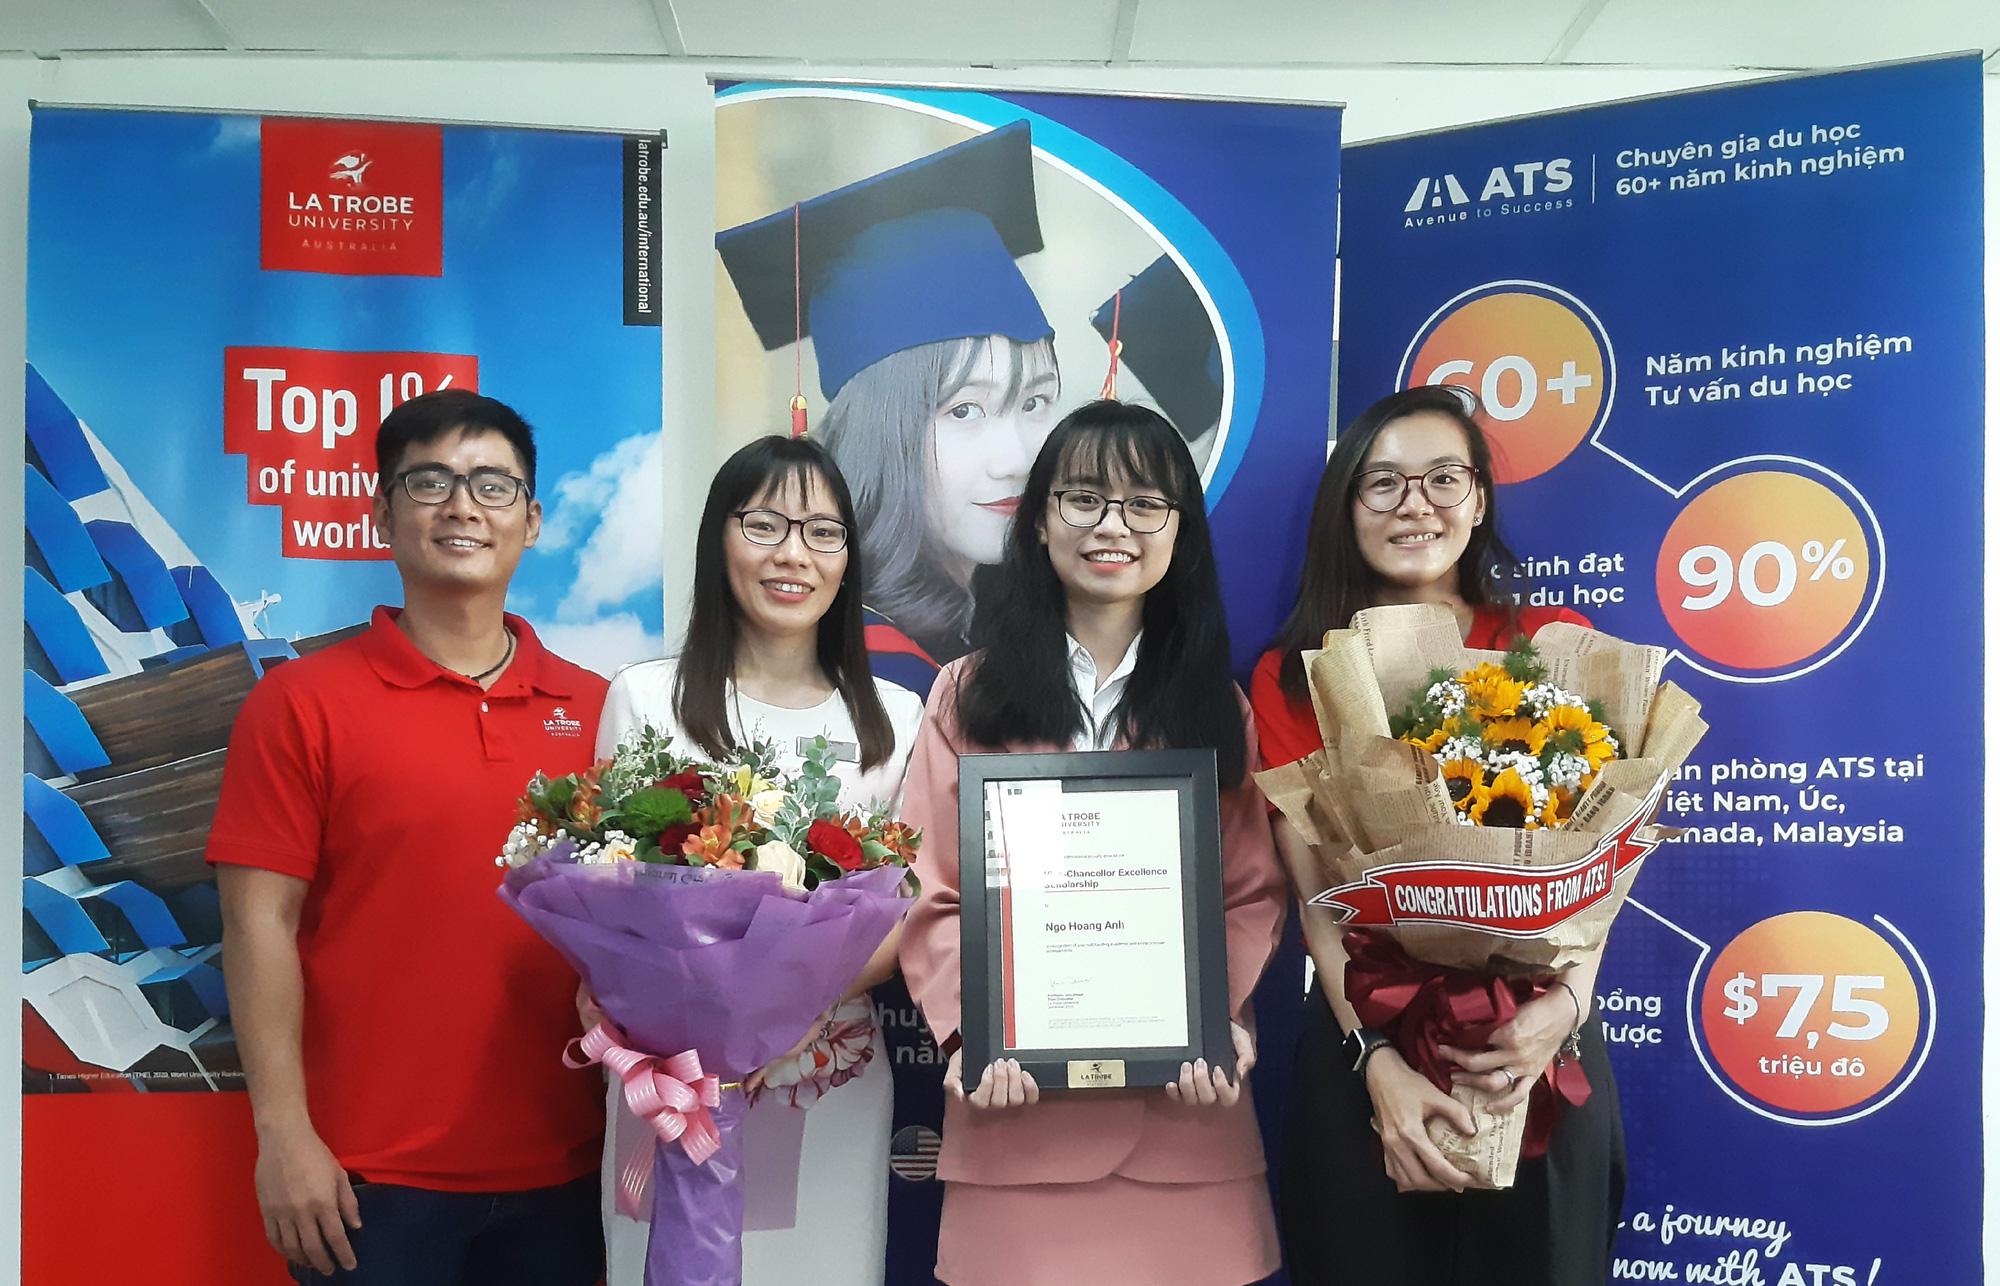 Nữ sinh viên Việt Nam đầu tiên giành học bổng 100% từ Đại học La Trobe Úc - Ảnh 3.